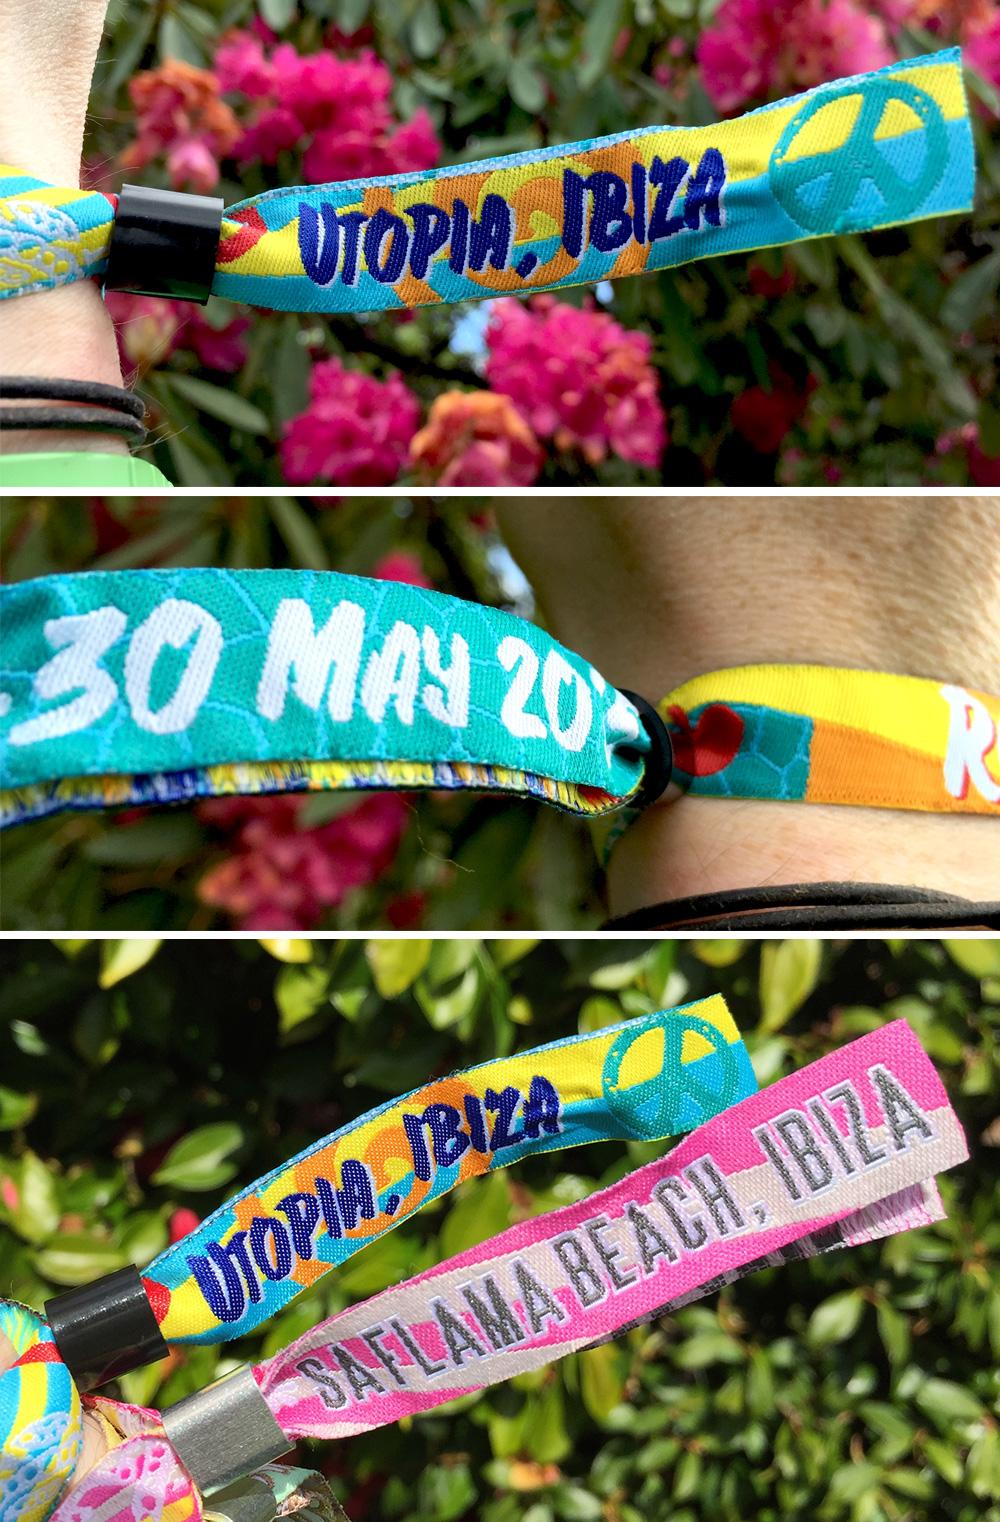 Ibiza wedfest wristbands